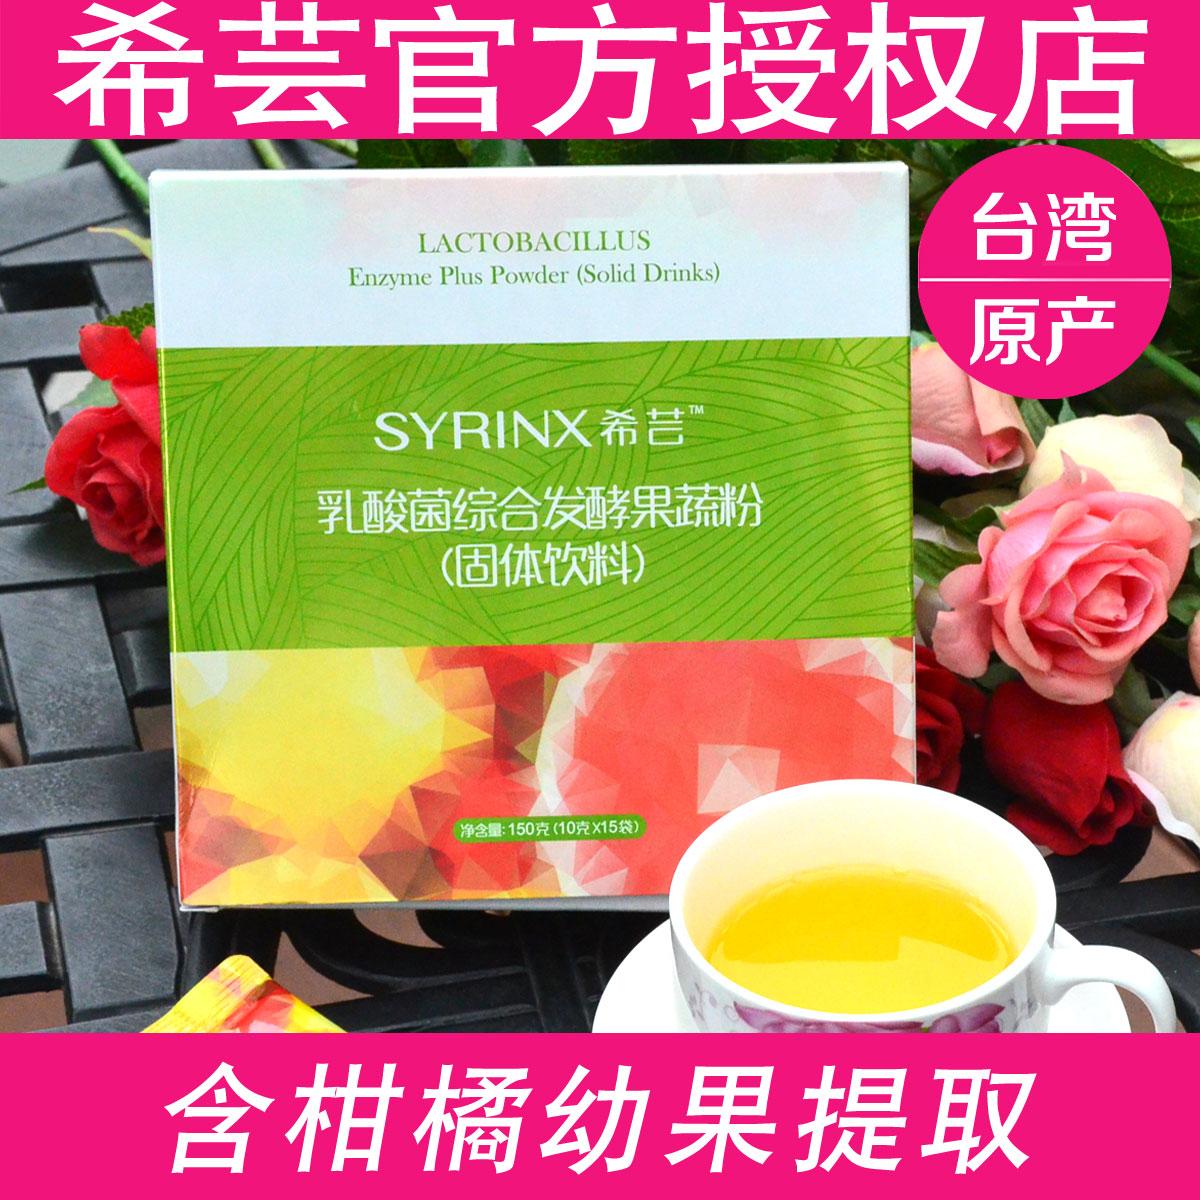 希芸酵素粉乳酸菌综合发酵果蔬粉台湾产水果味酵素有防伪夏季冲饮